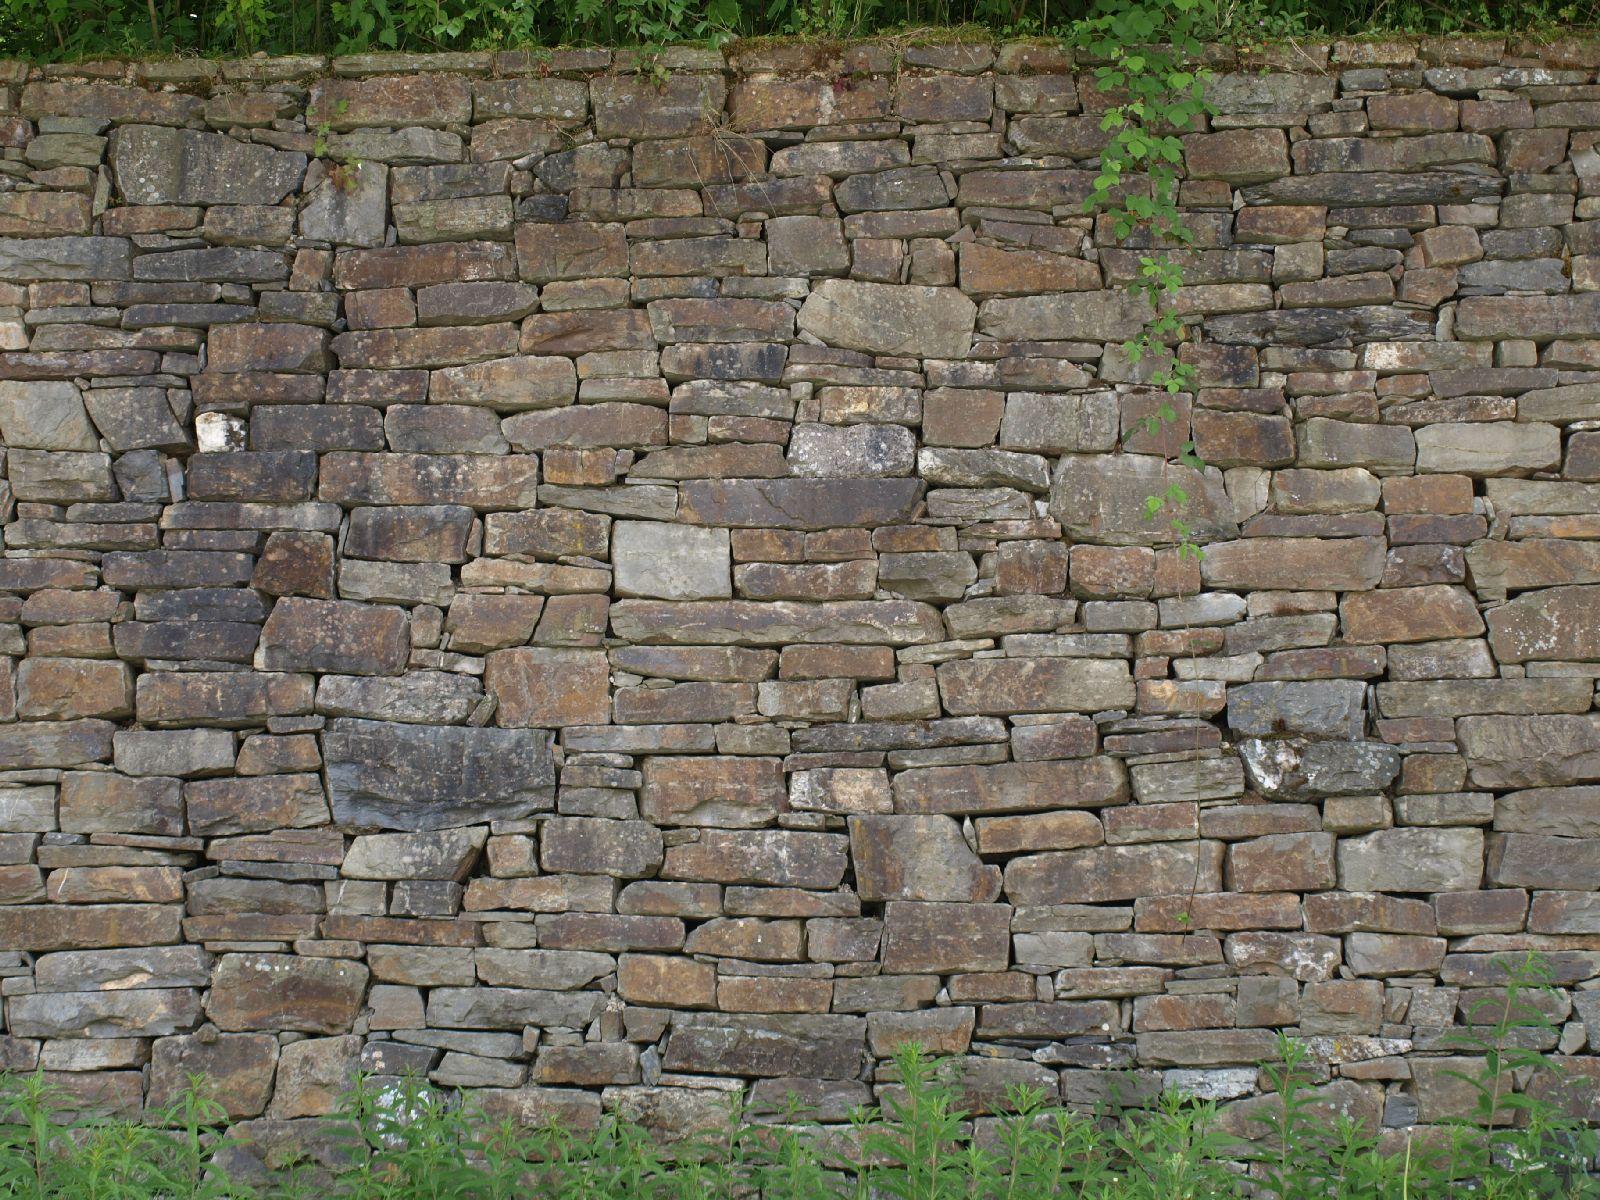 Brick_Texture_A_P6036030